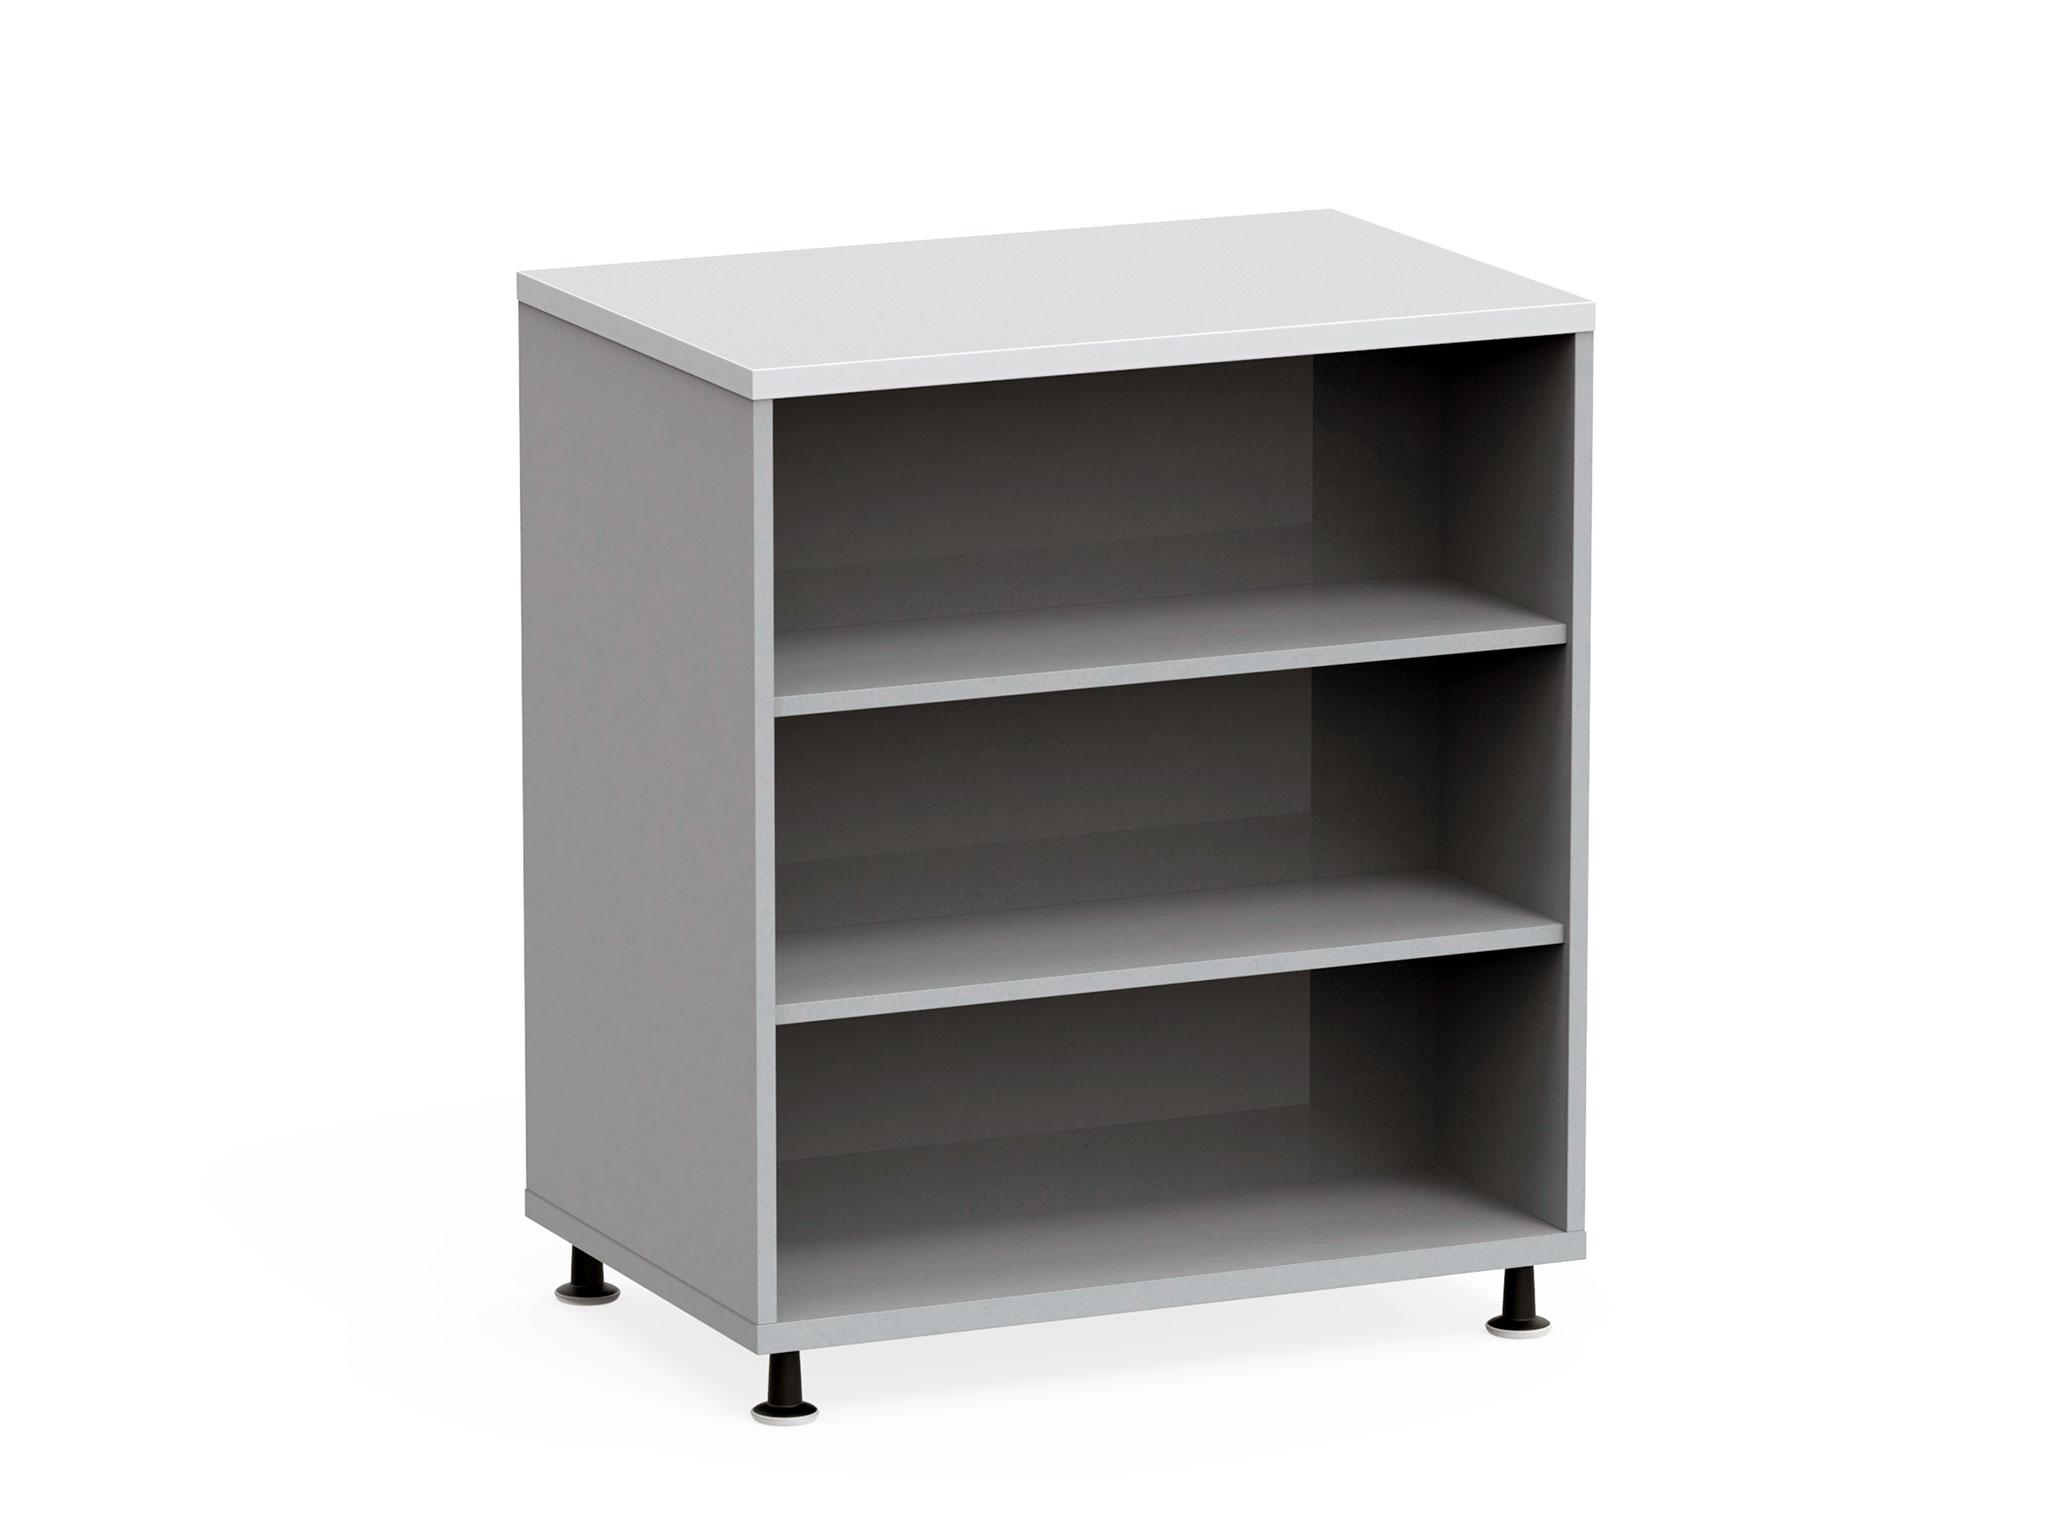 Ruckus Bookcase